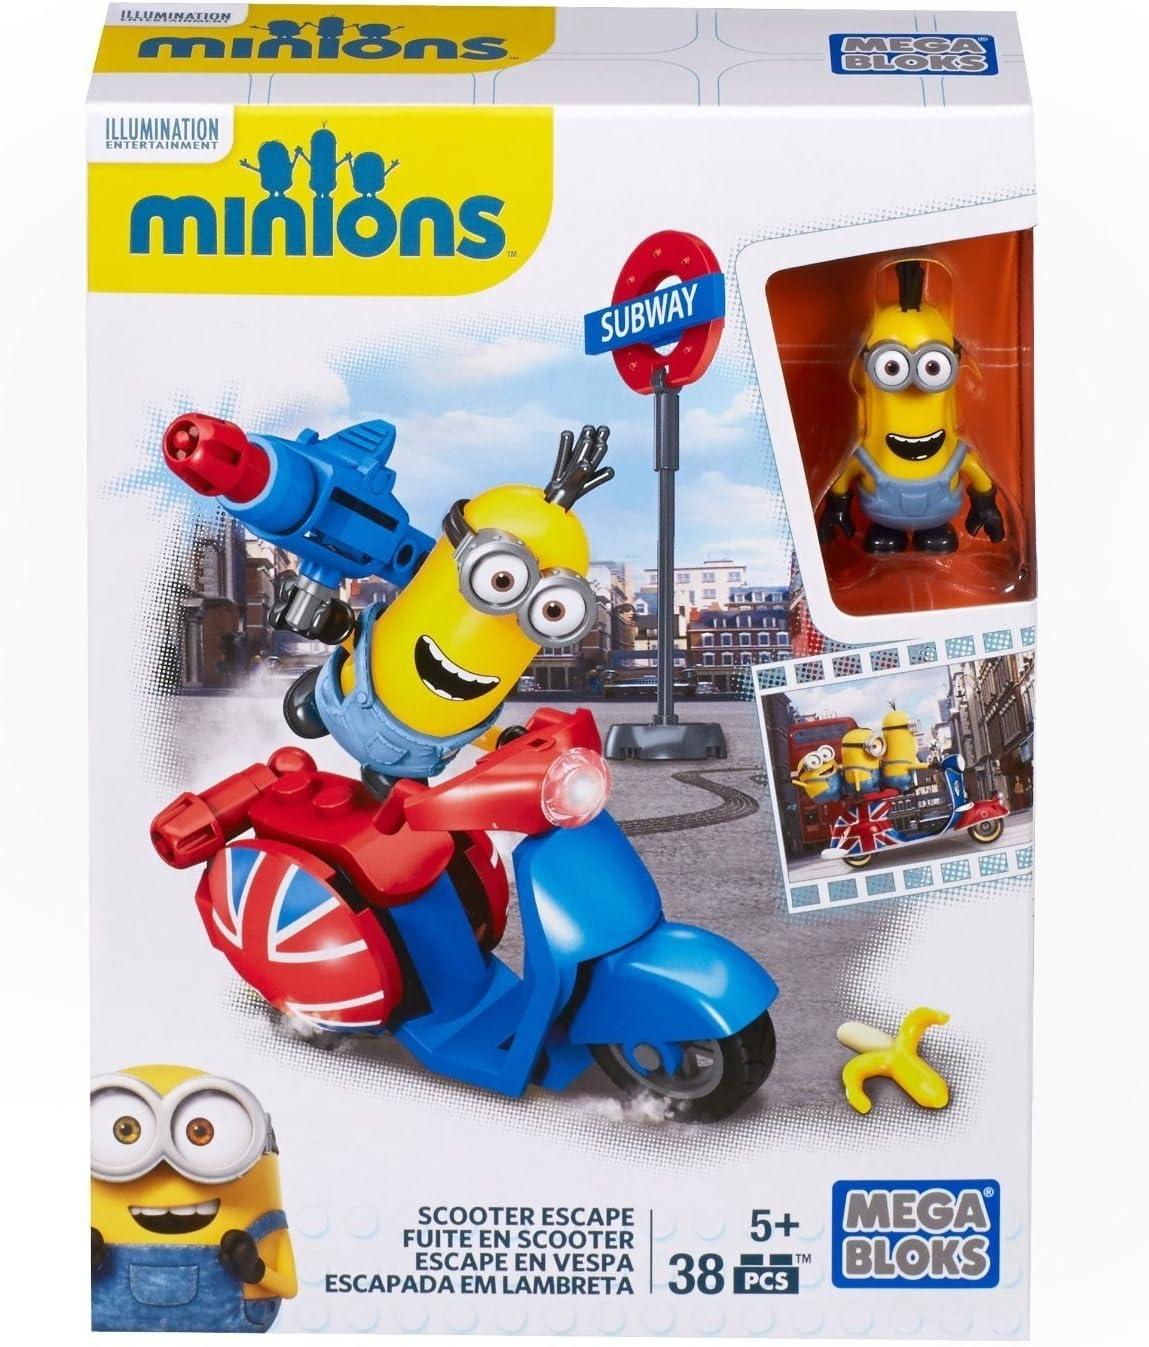 MINIONS - Juego de construcción, escapada con Scooter en Londres (Mattel CNF52): Amazon.es: Juguetes y juegos